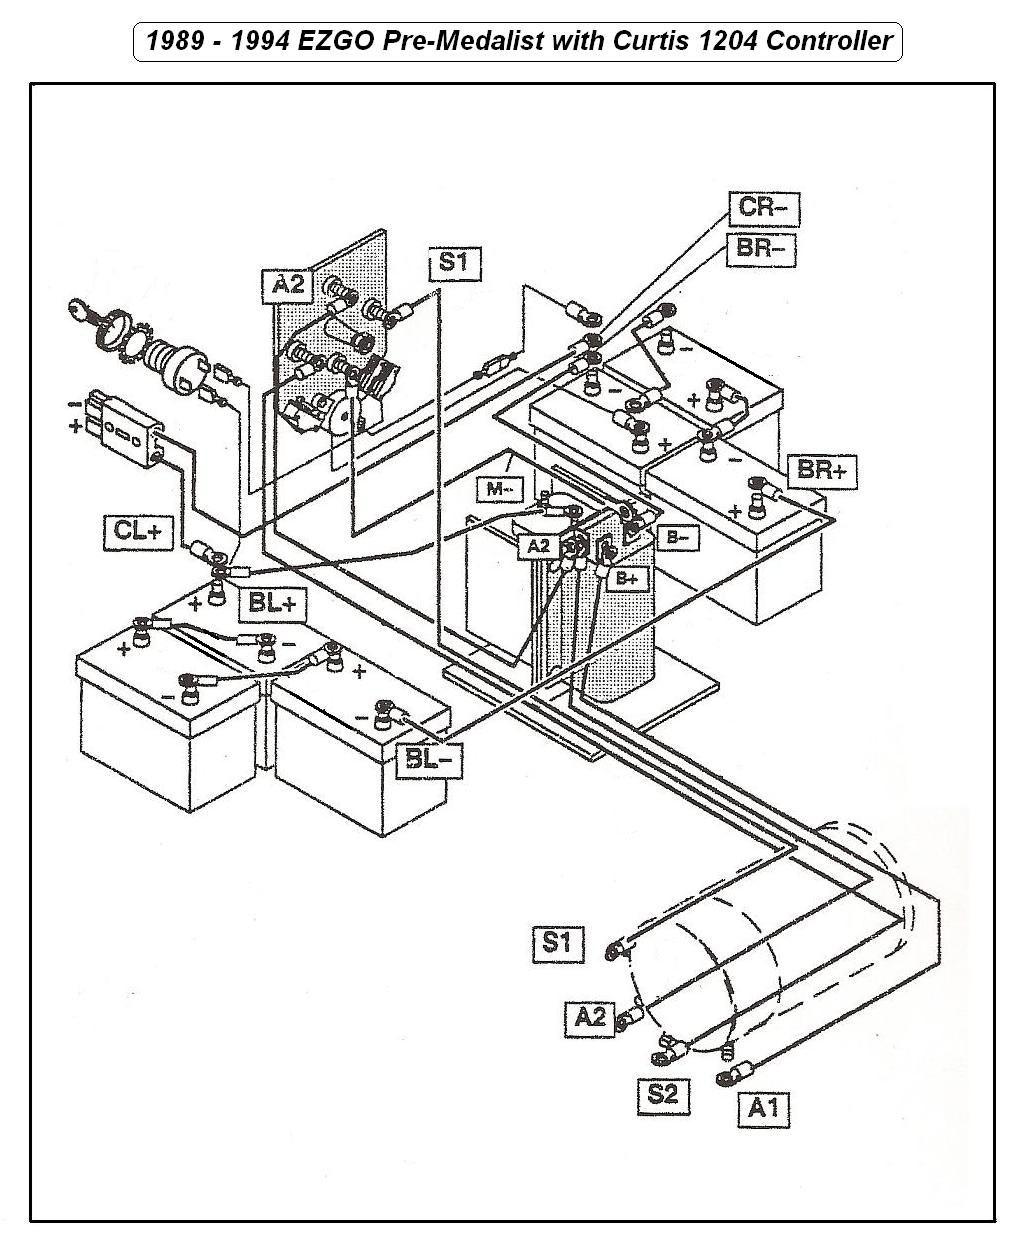 36 Volt Wiring Diagram